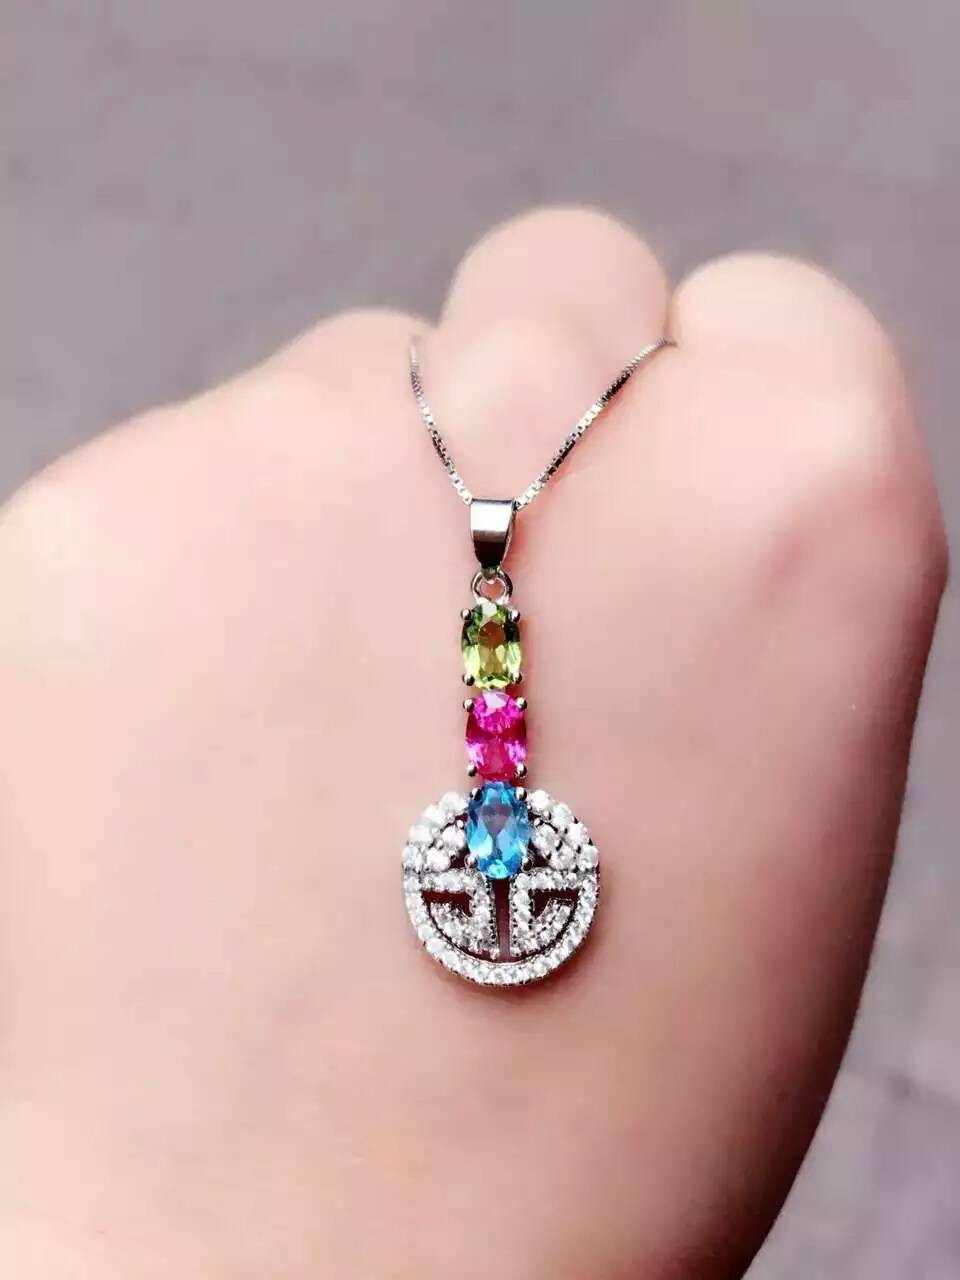 Pierre de topaze naturelle pendentif S925 argent péridot naturel pendentif collier à la mode mince chanceux pièces femmes fille bijoux